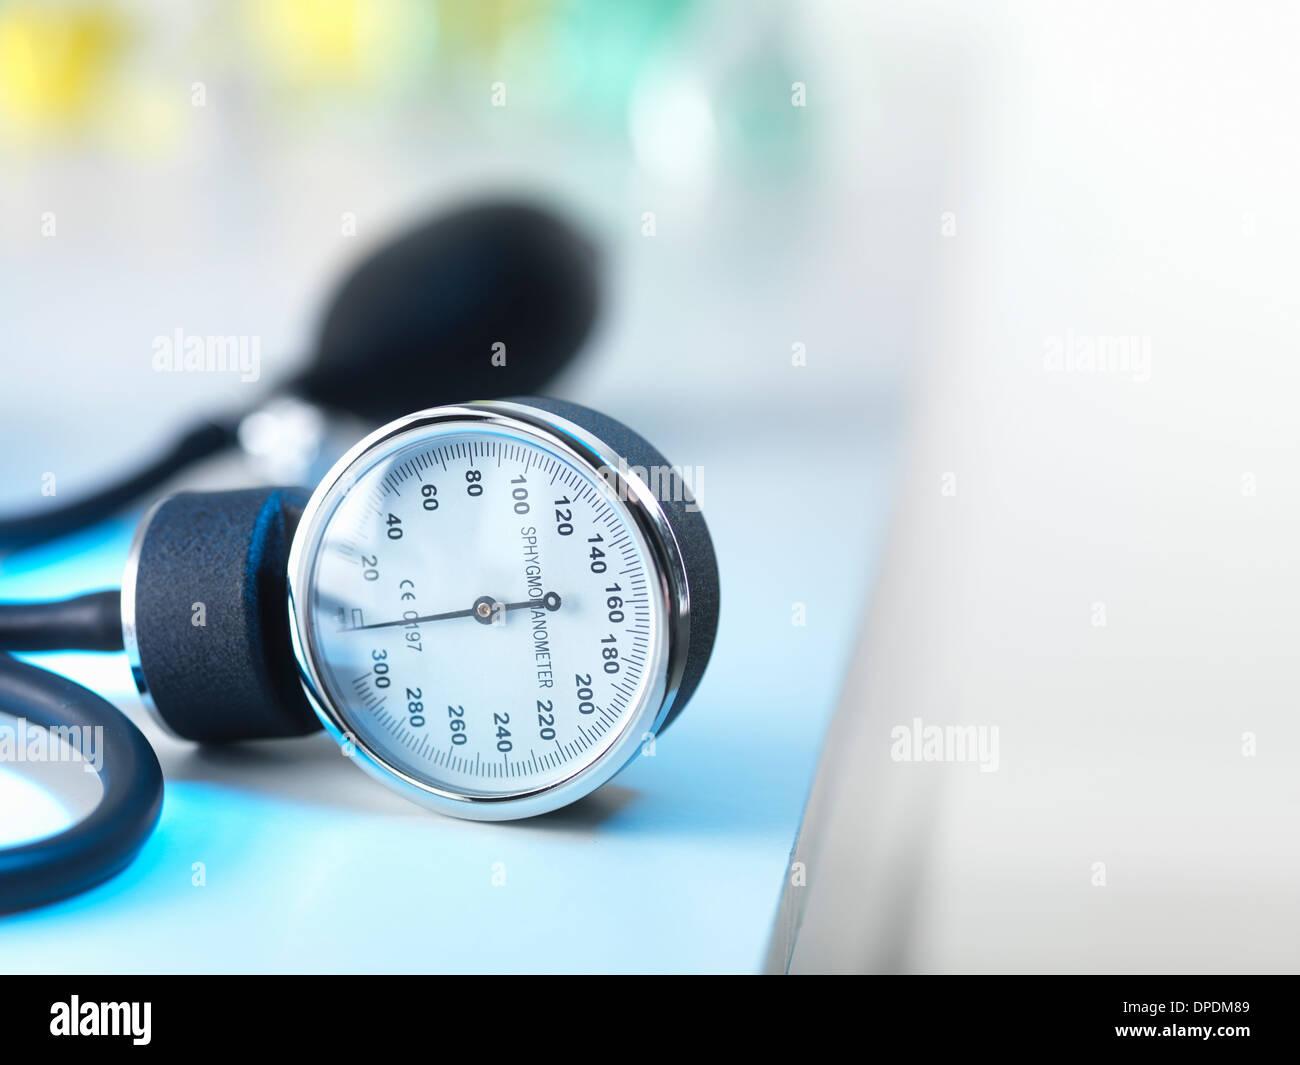 Manómetro de presión de la sangre en los médicos de la cirugía Imagen De Stock